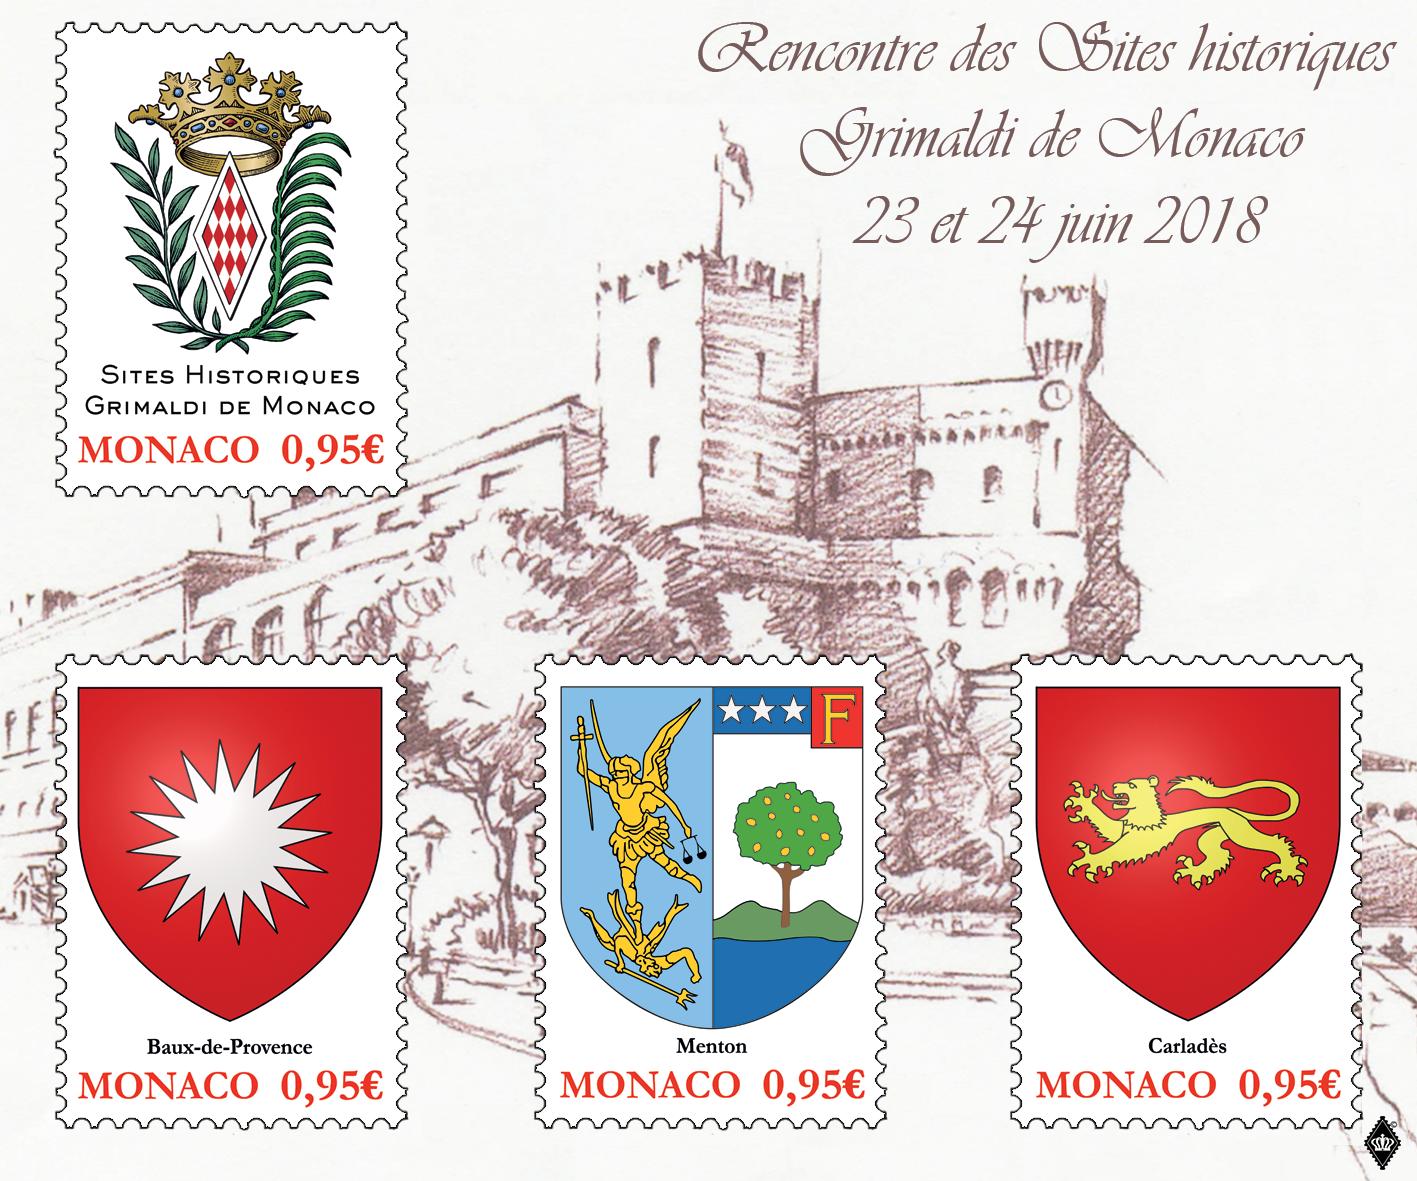 摩纳哥6月23日发行摩纳哥格里马尔迪历史遗址小全张